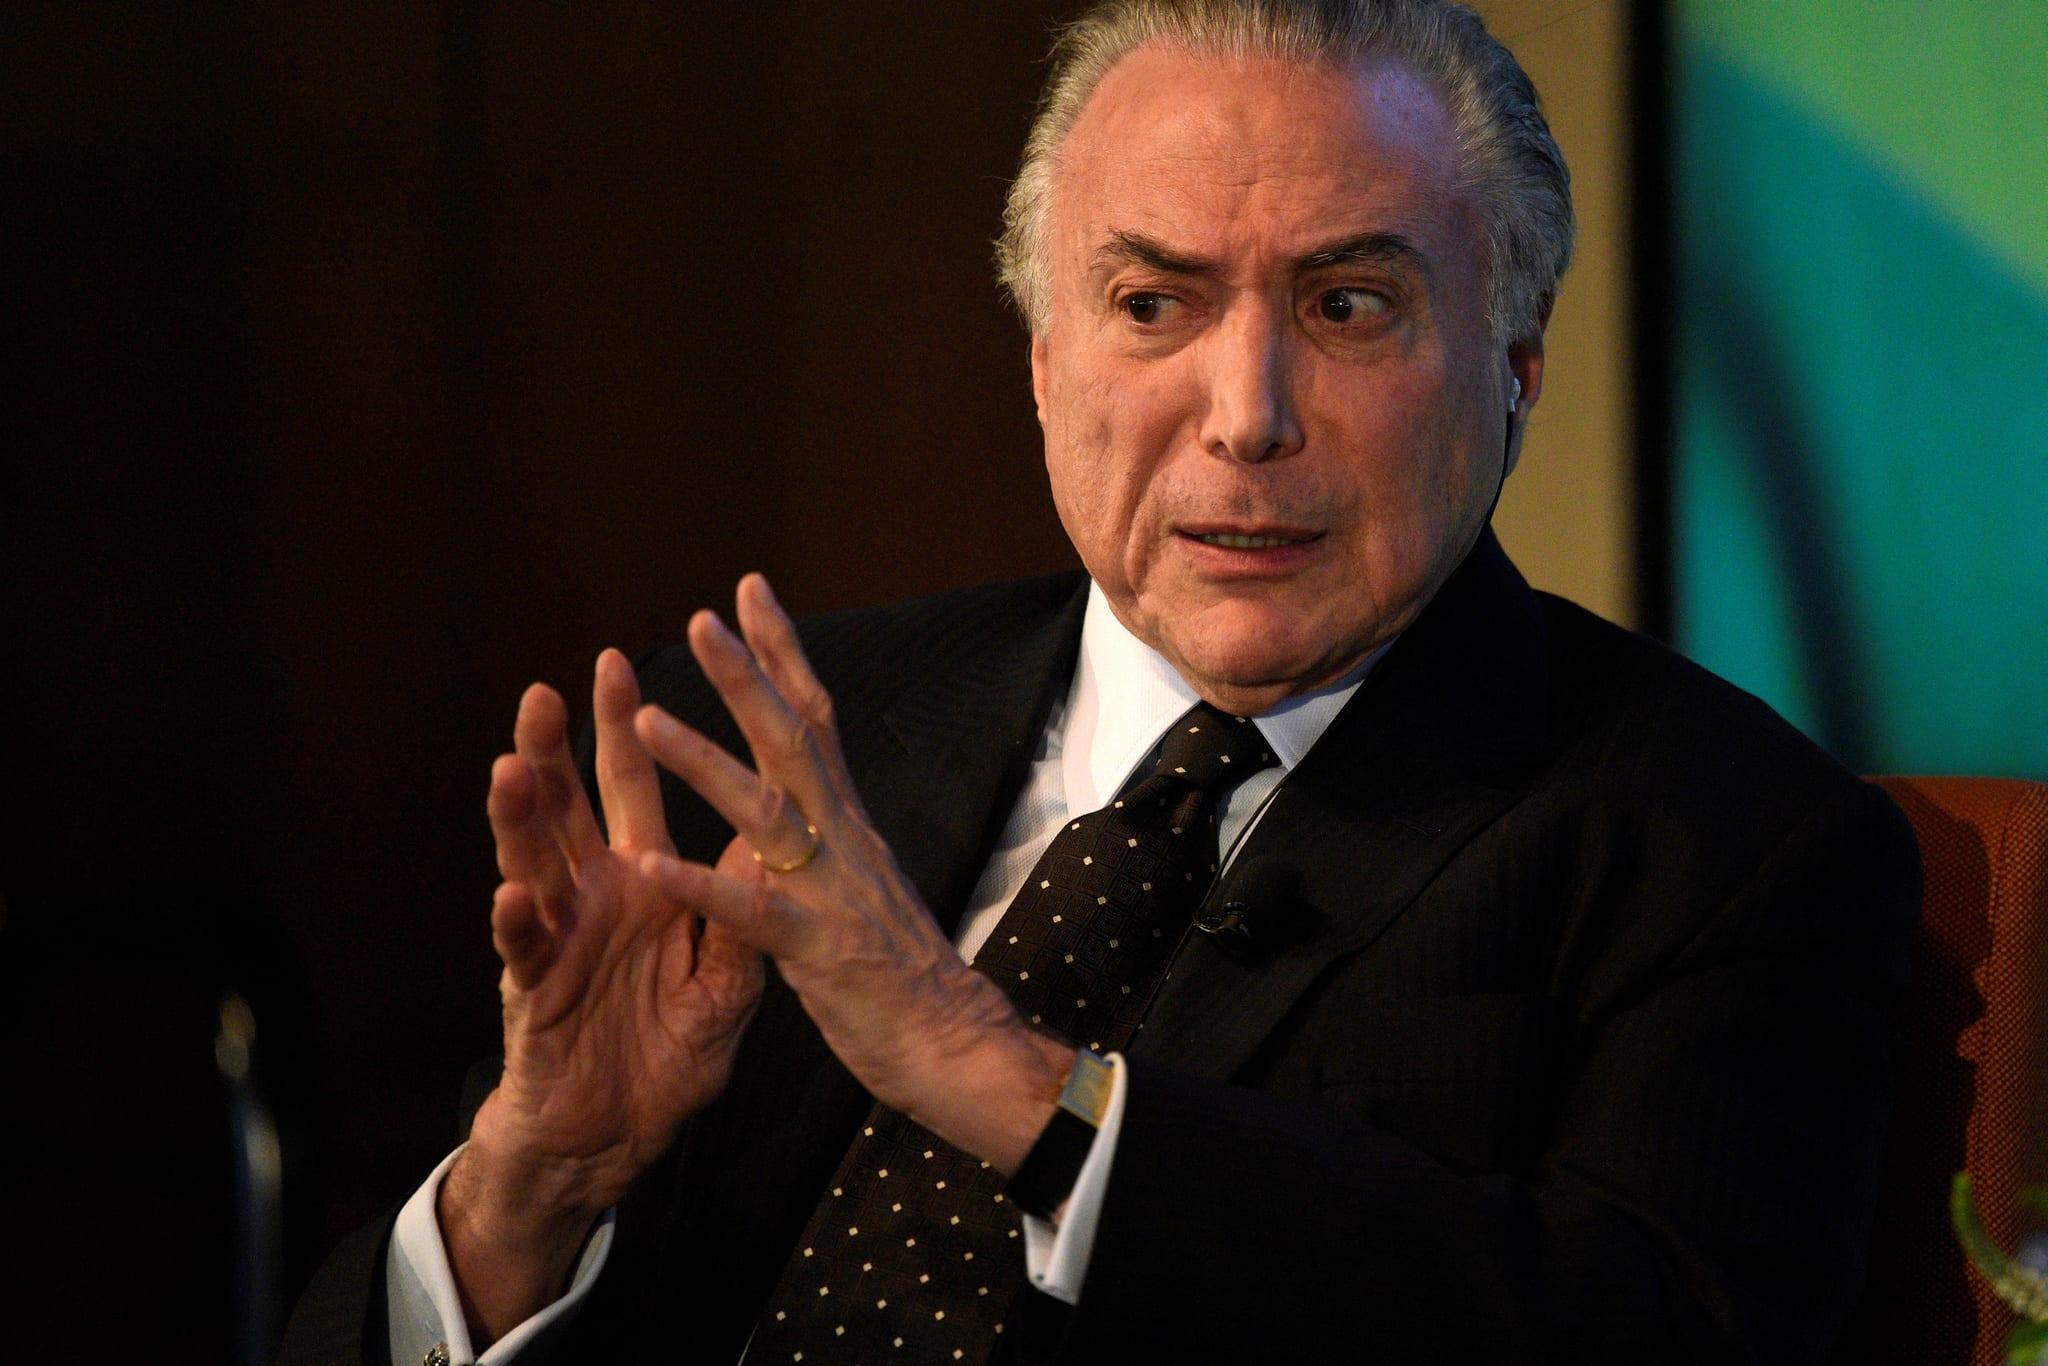 PÚBLICO - Supremo Tribunal brasileiro aprova denúncia contra Temer